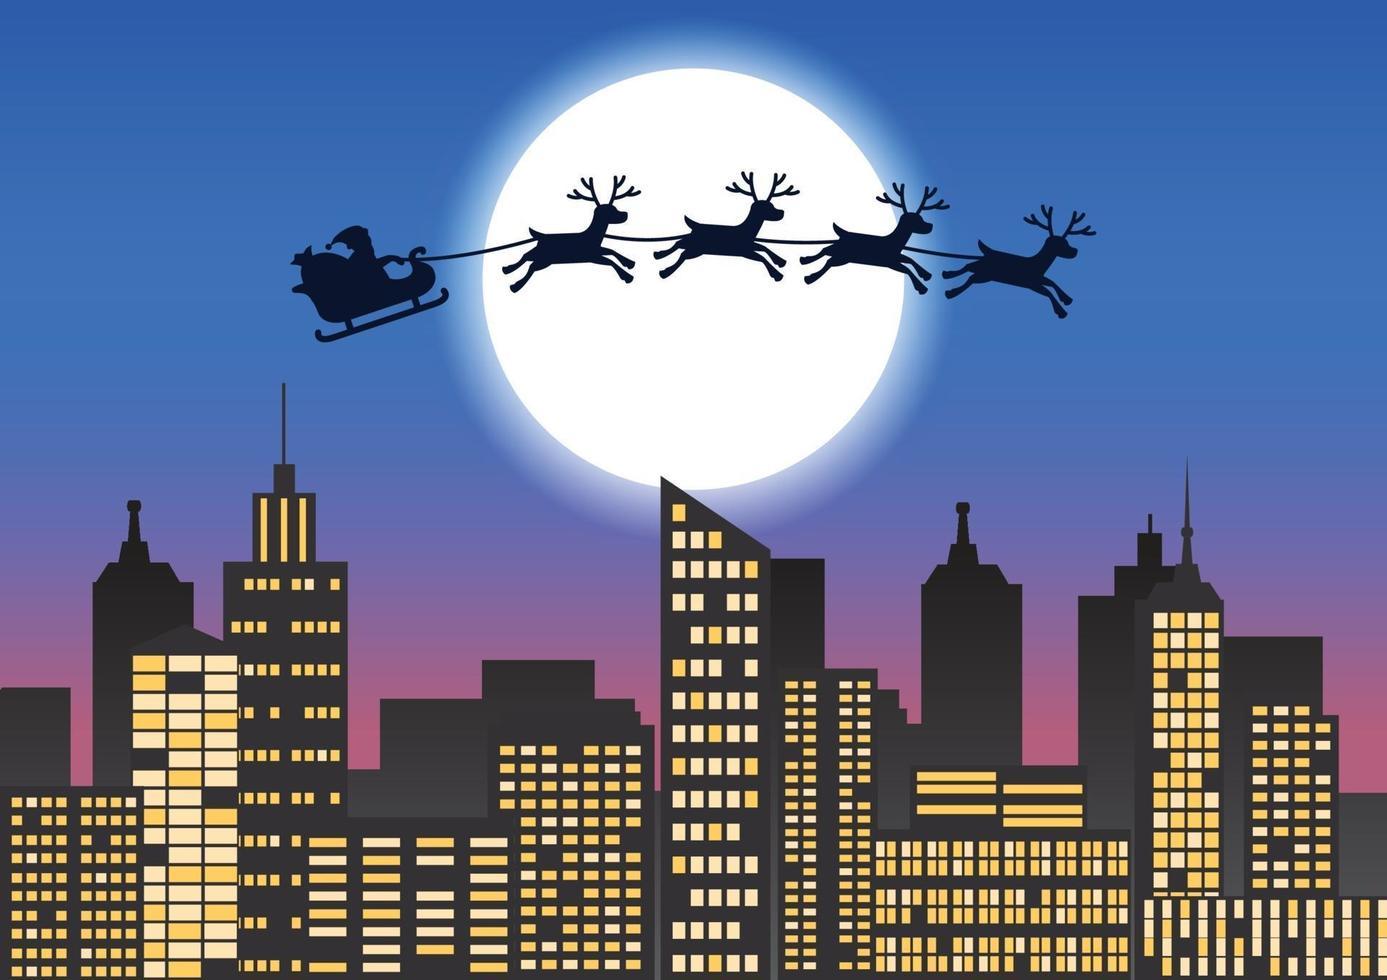 jultomten och renar flyger över staden vektor